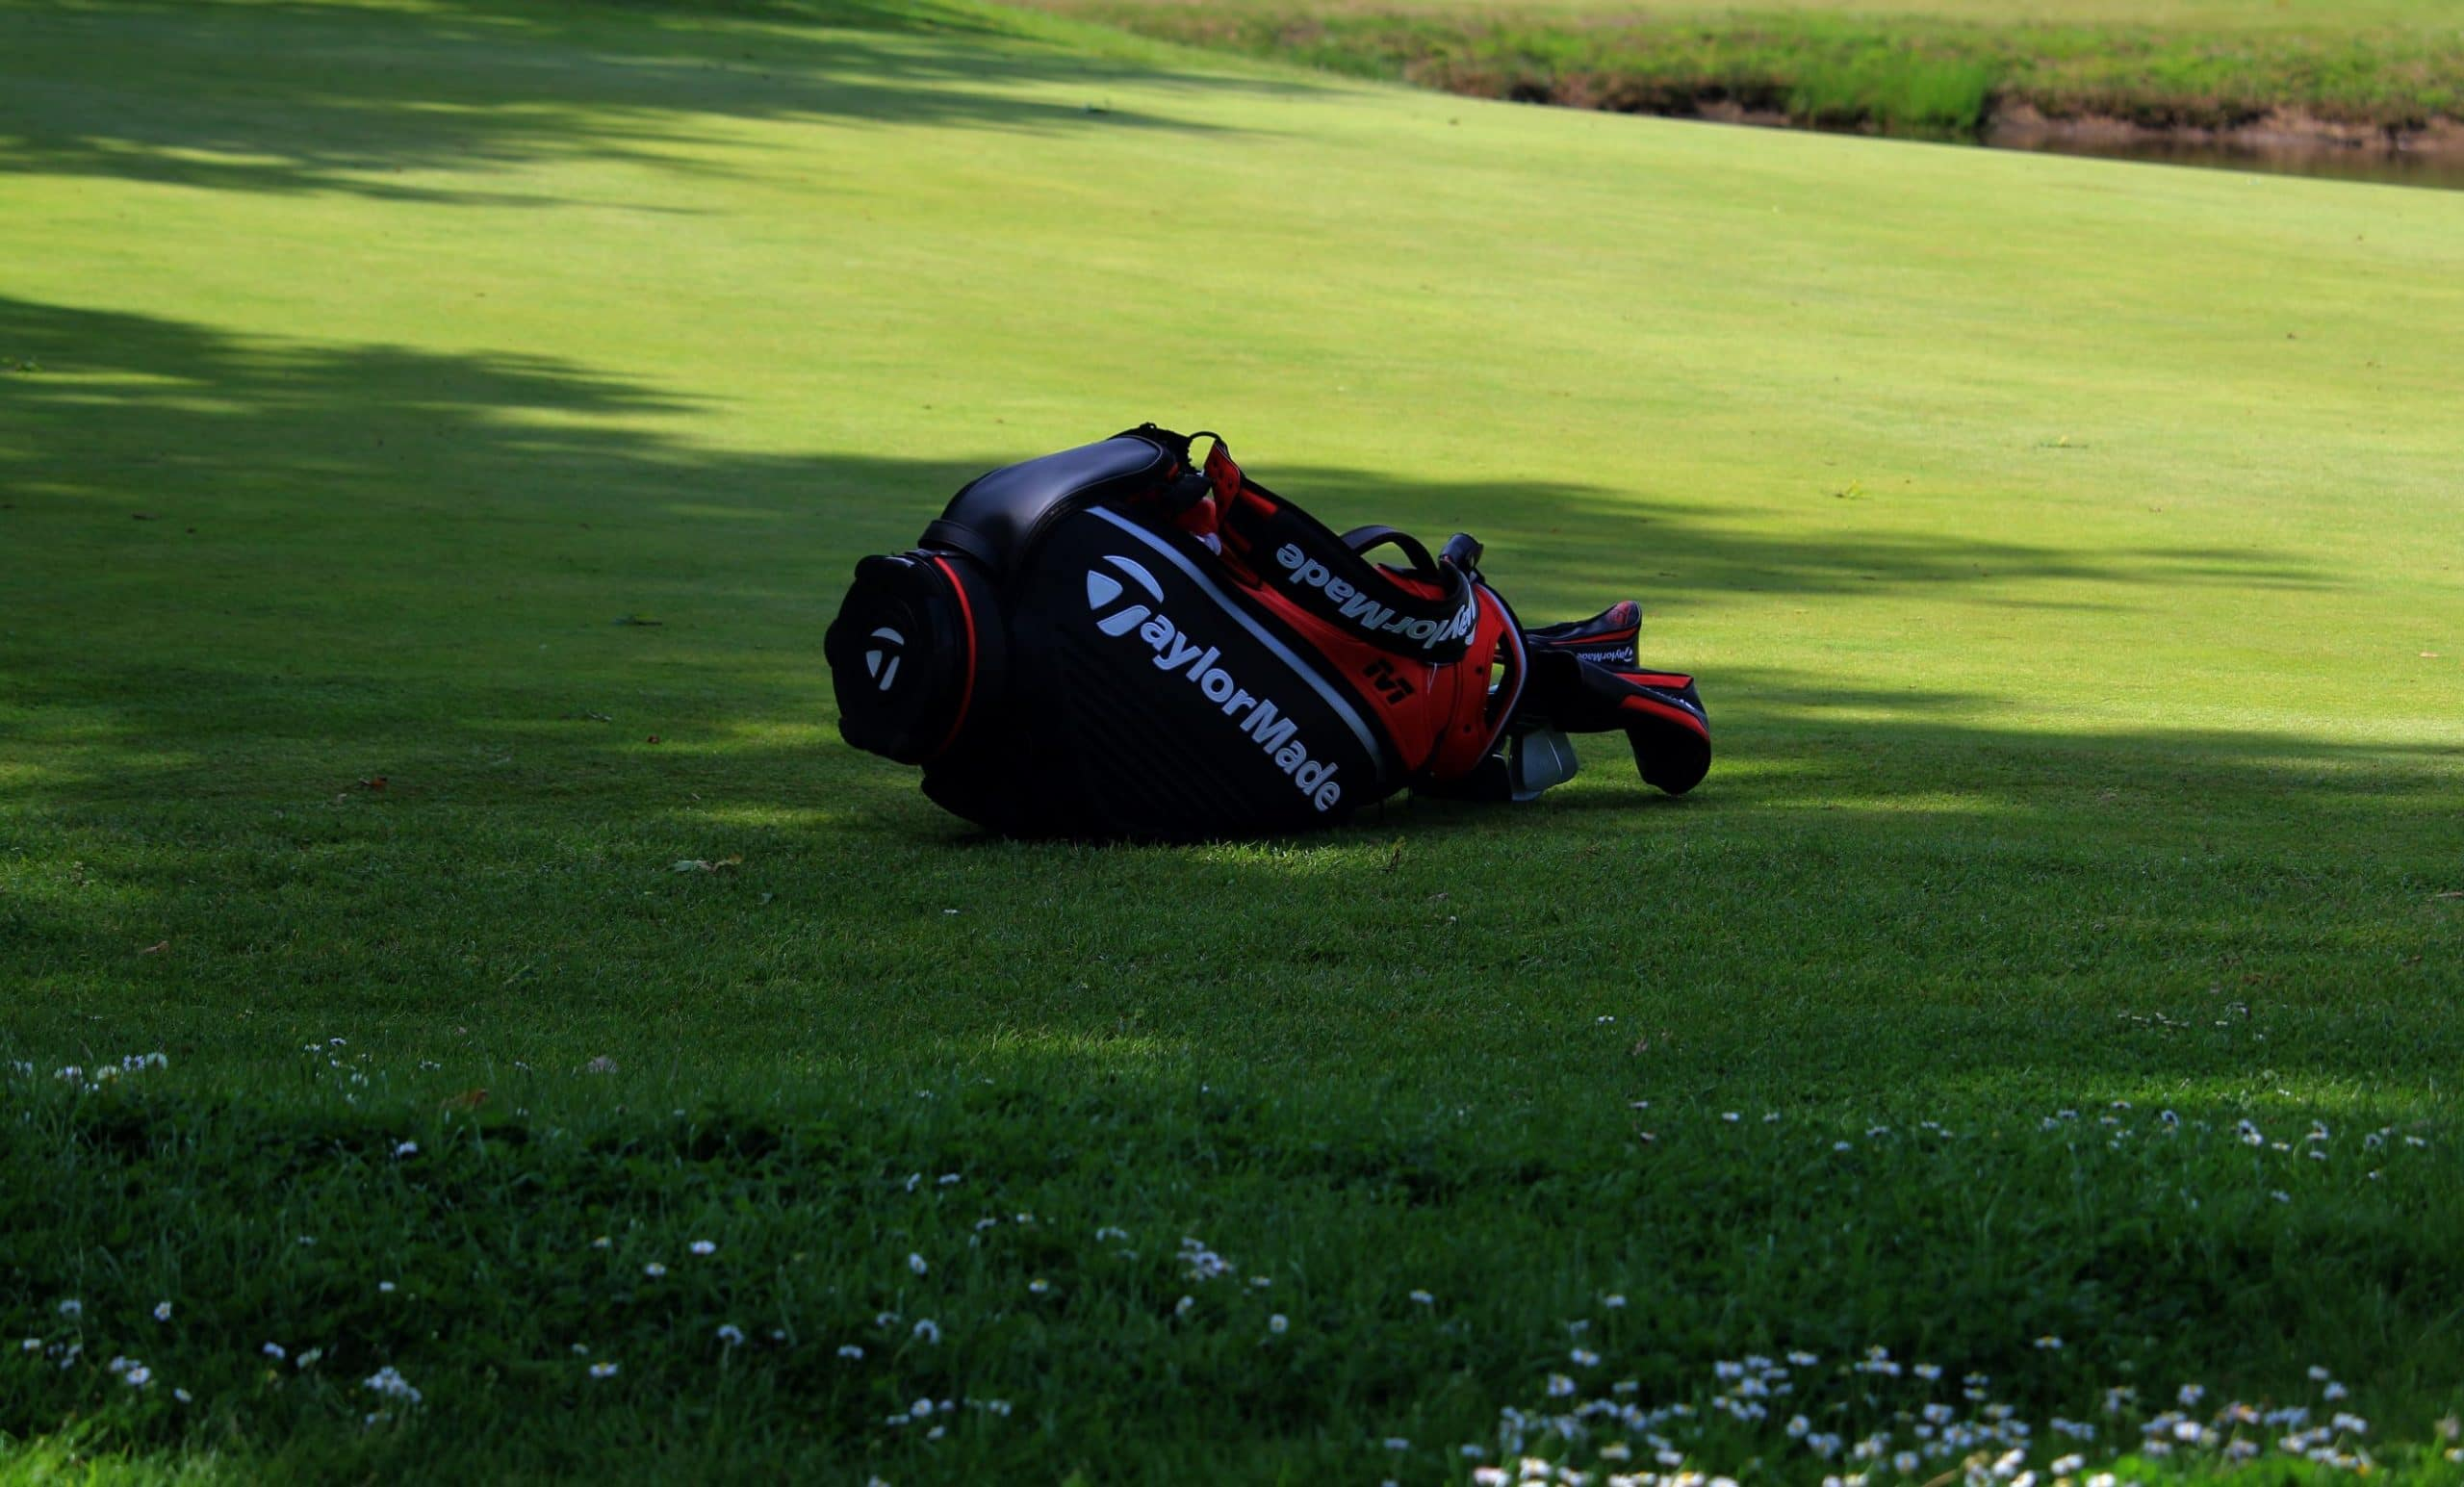 Tee Times Bmw Championship 2020 Pga Tour Golf News